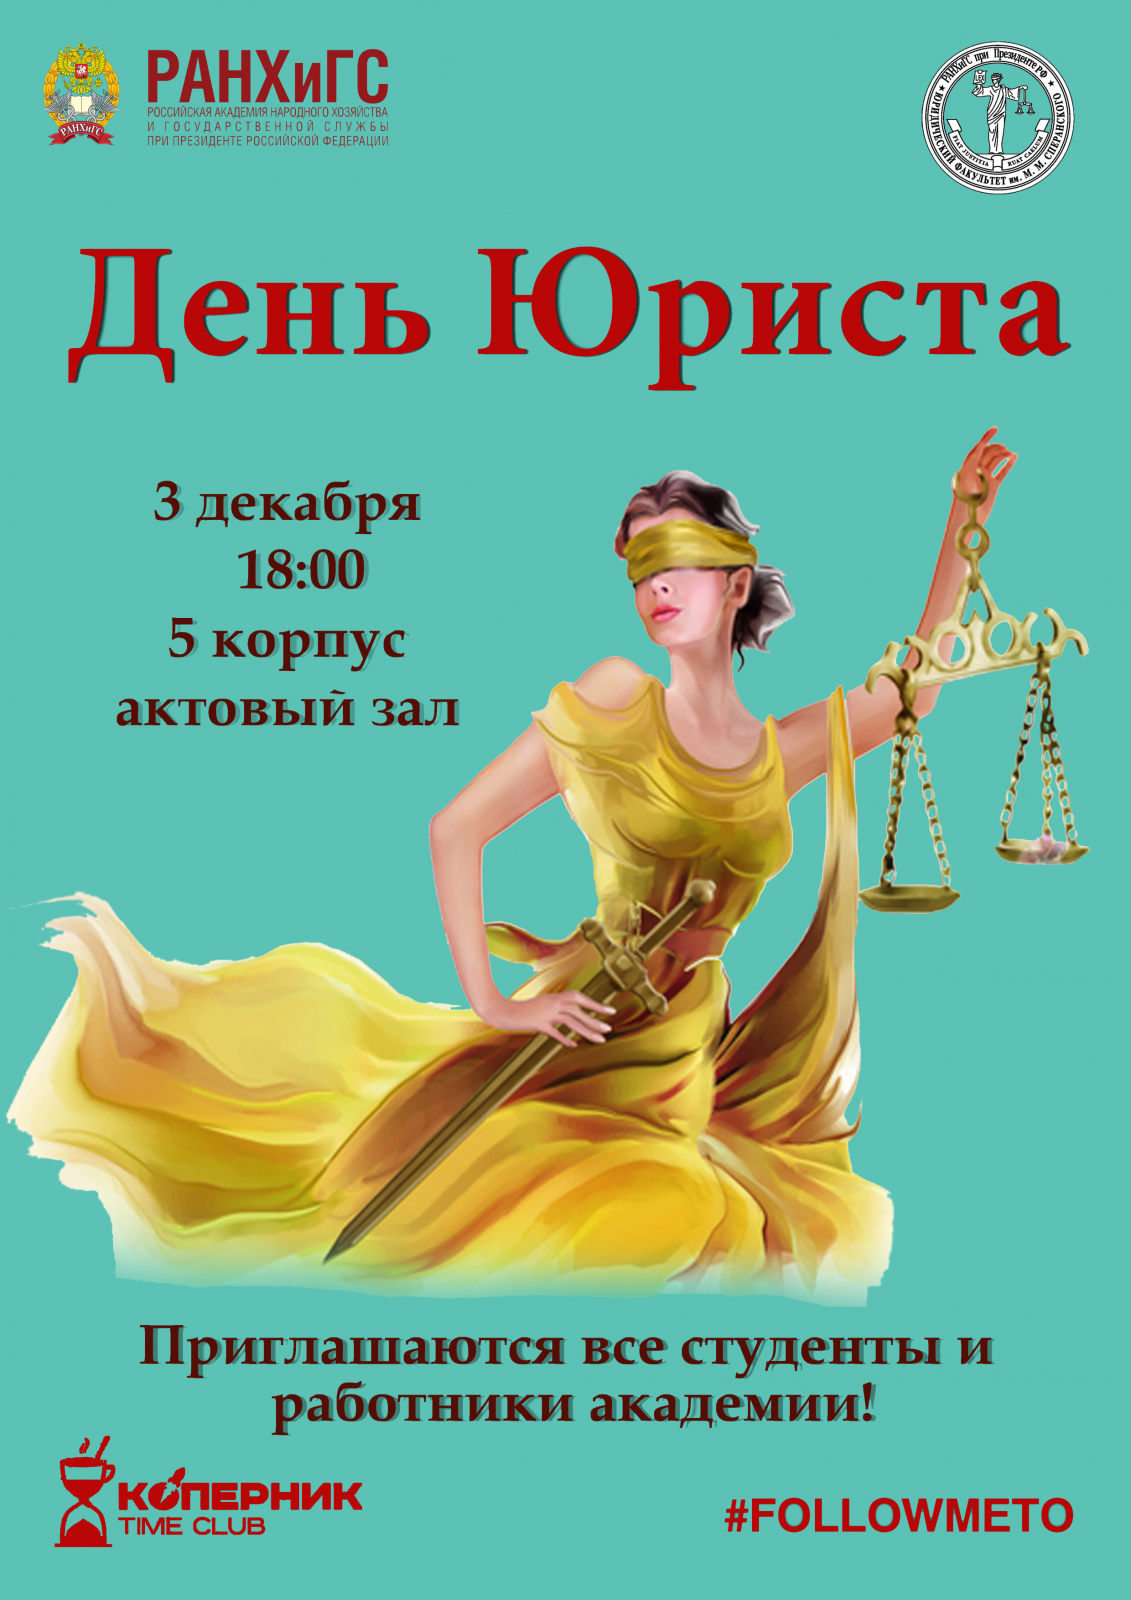 Поздравление с днём юриста студенту